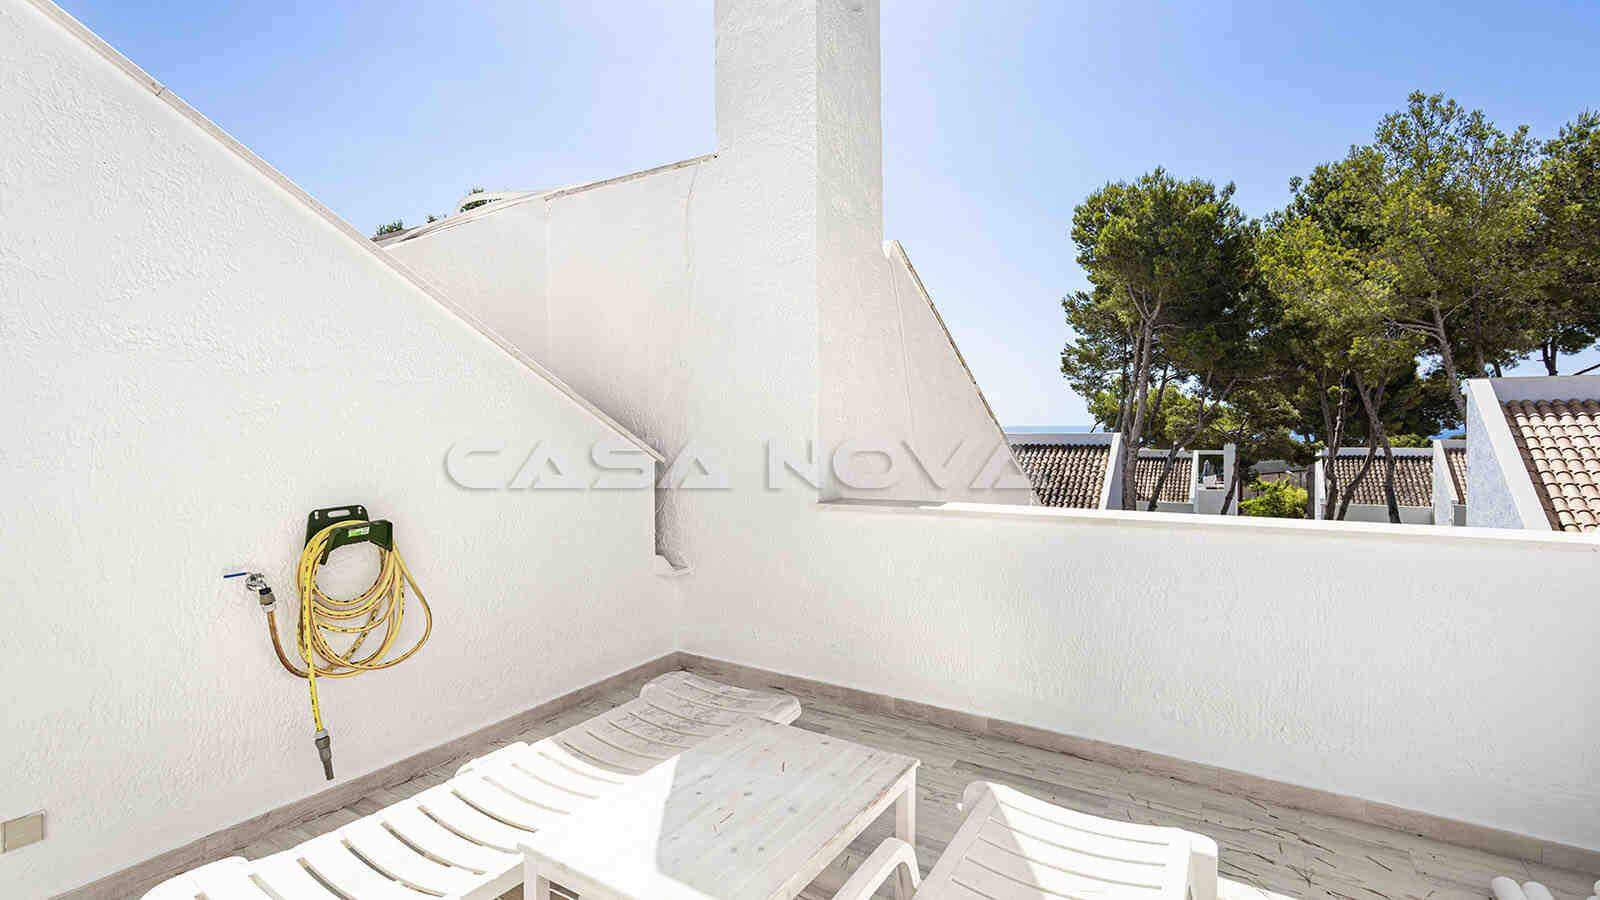 Private Dachterrasse zum sonnenbaden